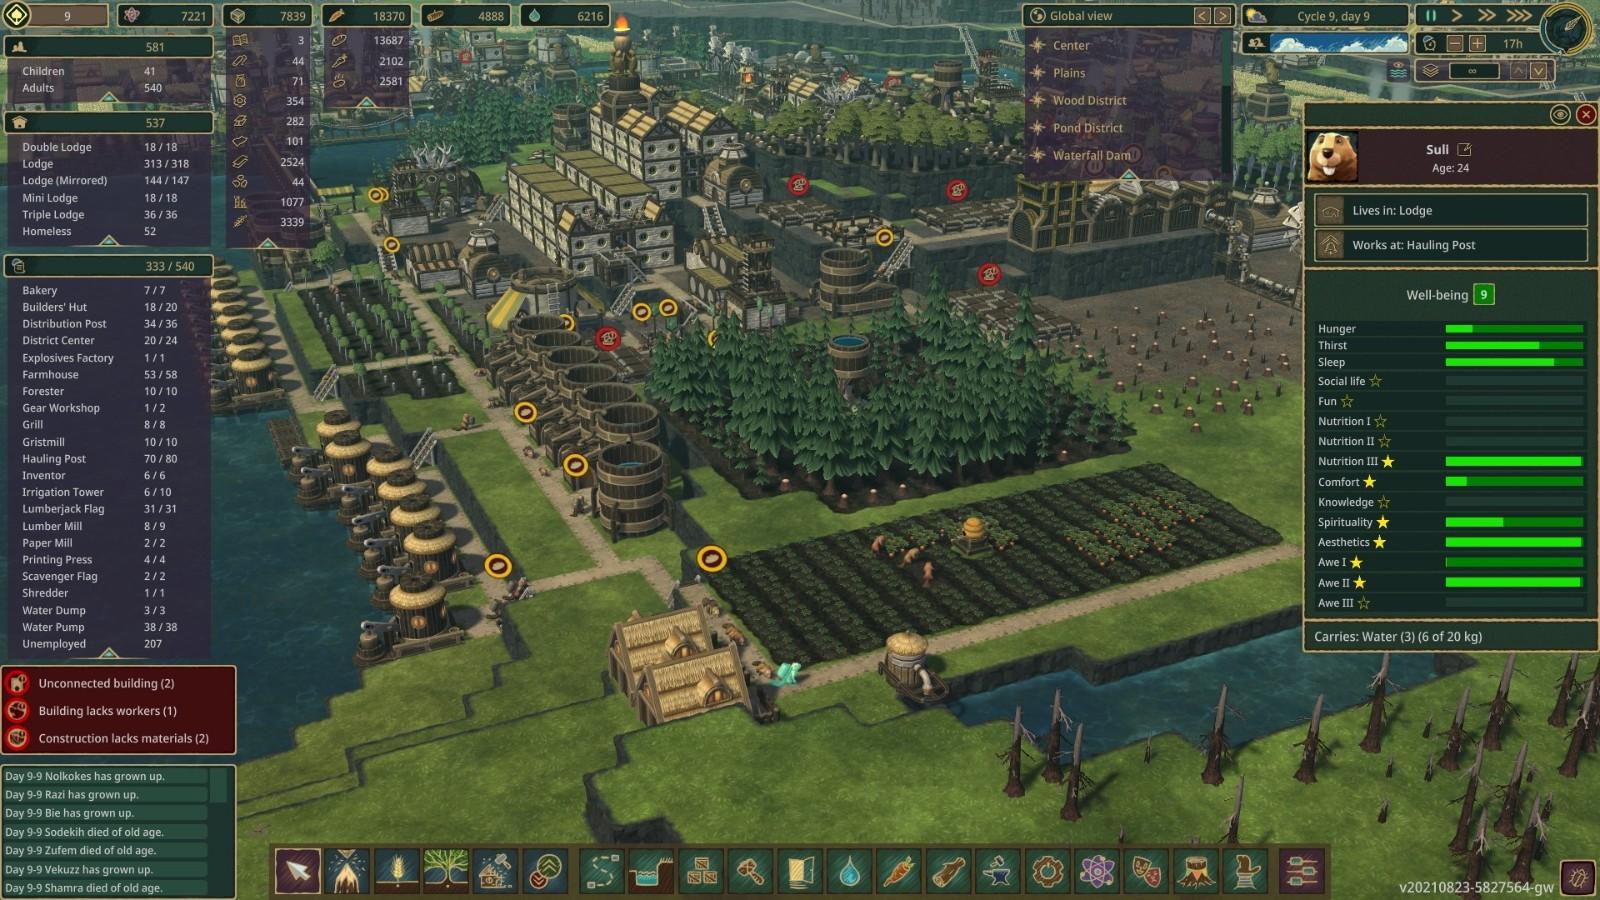 """模拟建造游戏《Timberborn》Steam获""""特别好评"""""""